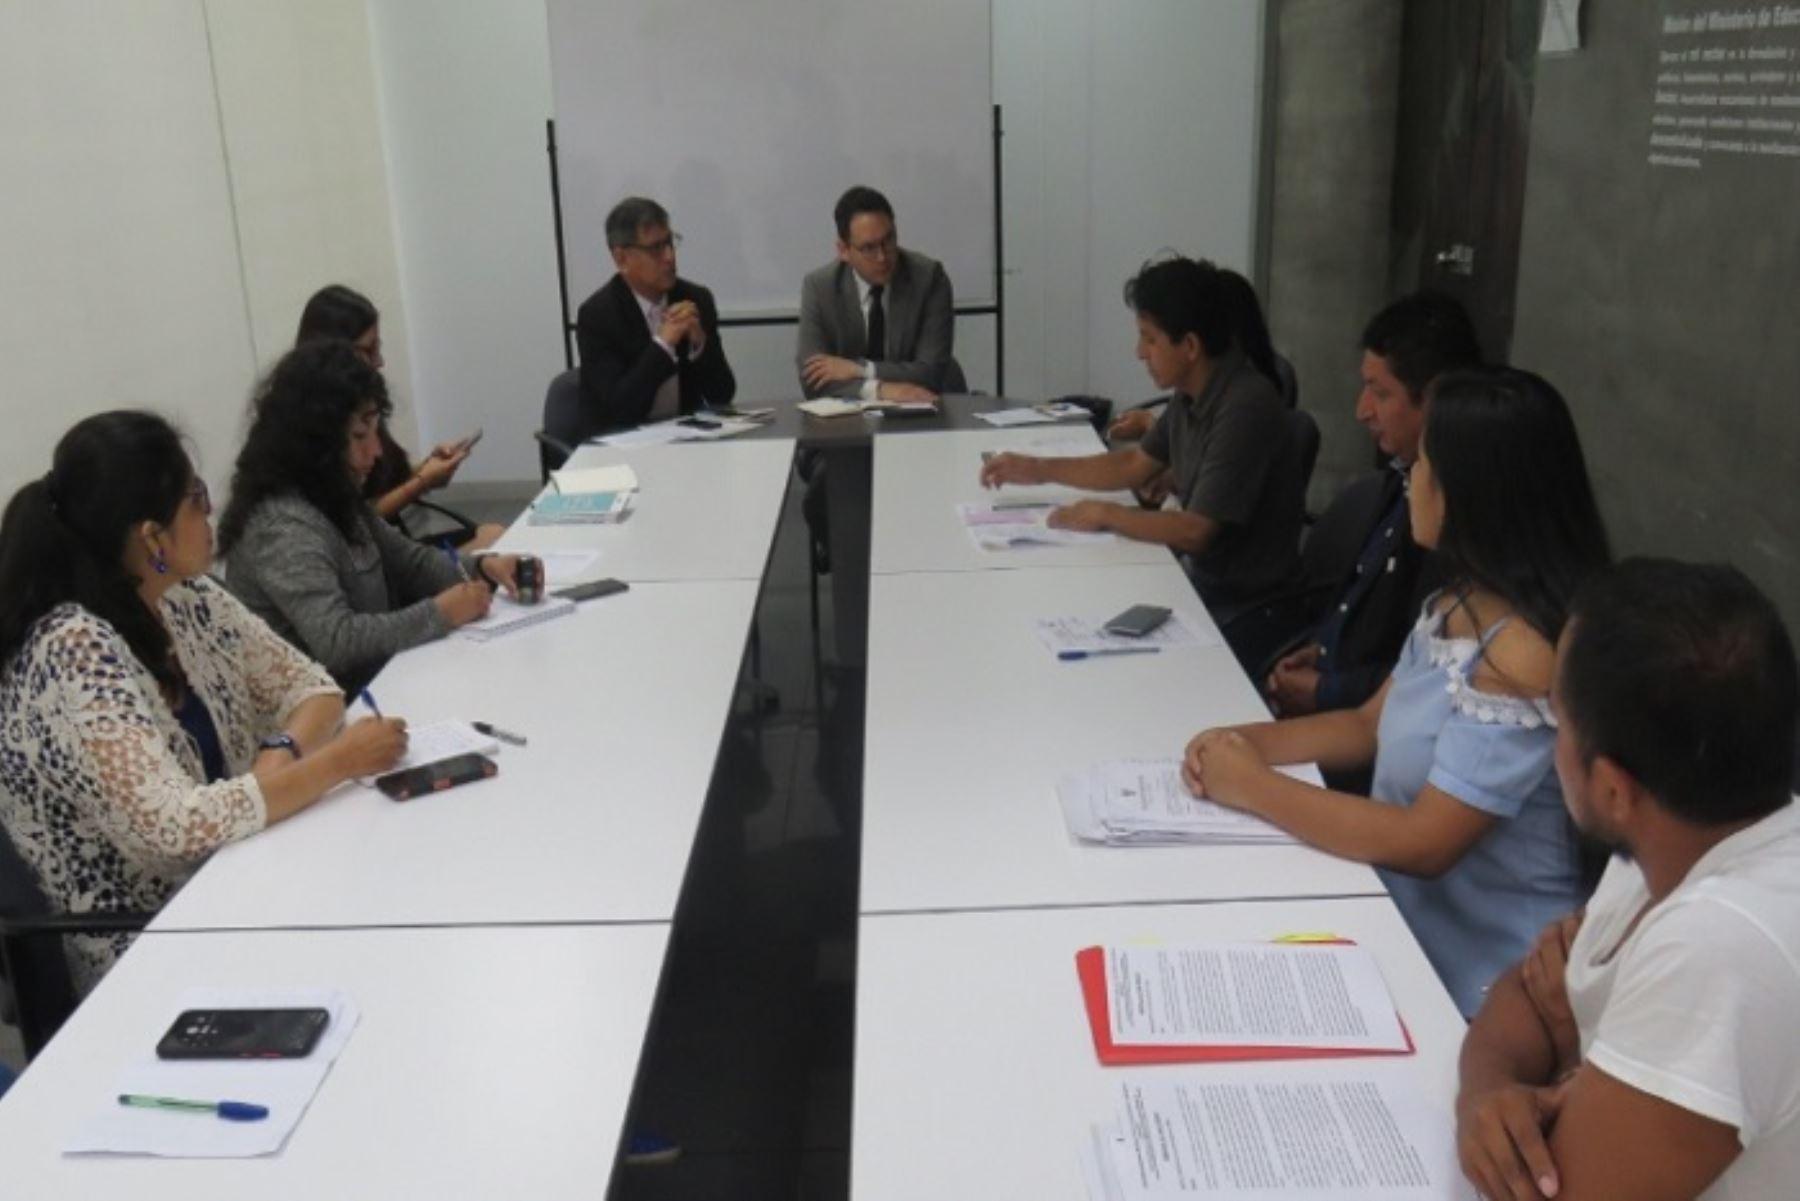 El director general de la Digesu, Jorge Mori, viajará a la sedes de la Universidad Nacional Intercultural de la Selva Central Juan Santos Atahualpa, para verificar calidad del servicio educativo ofrecido.